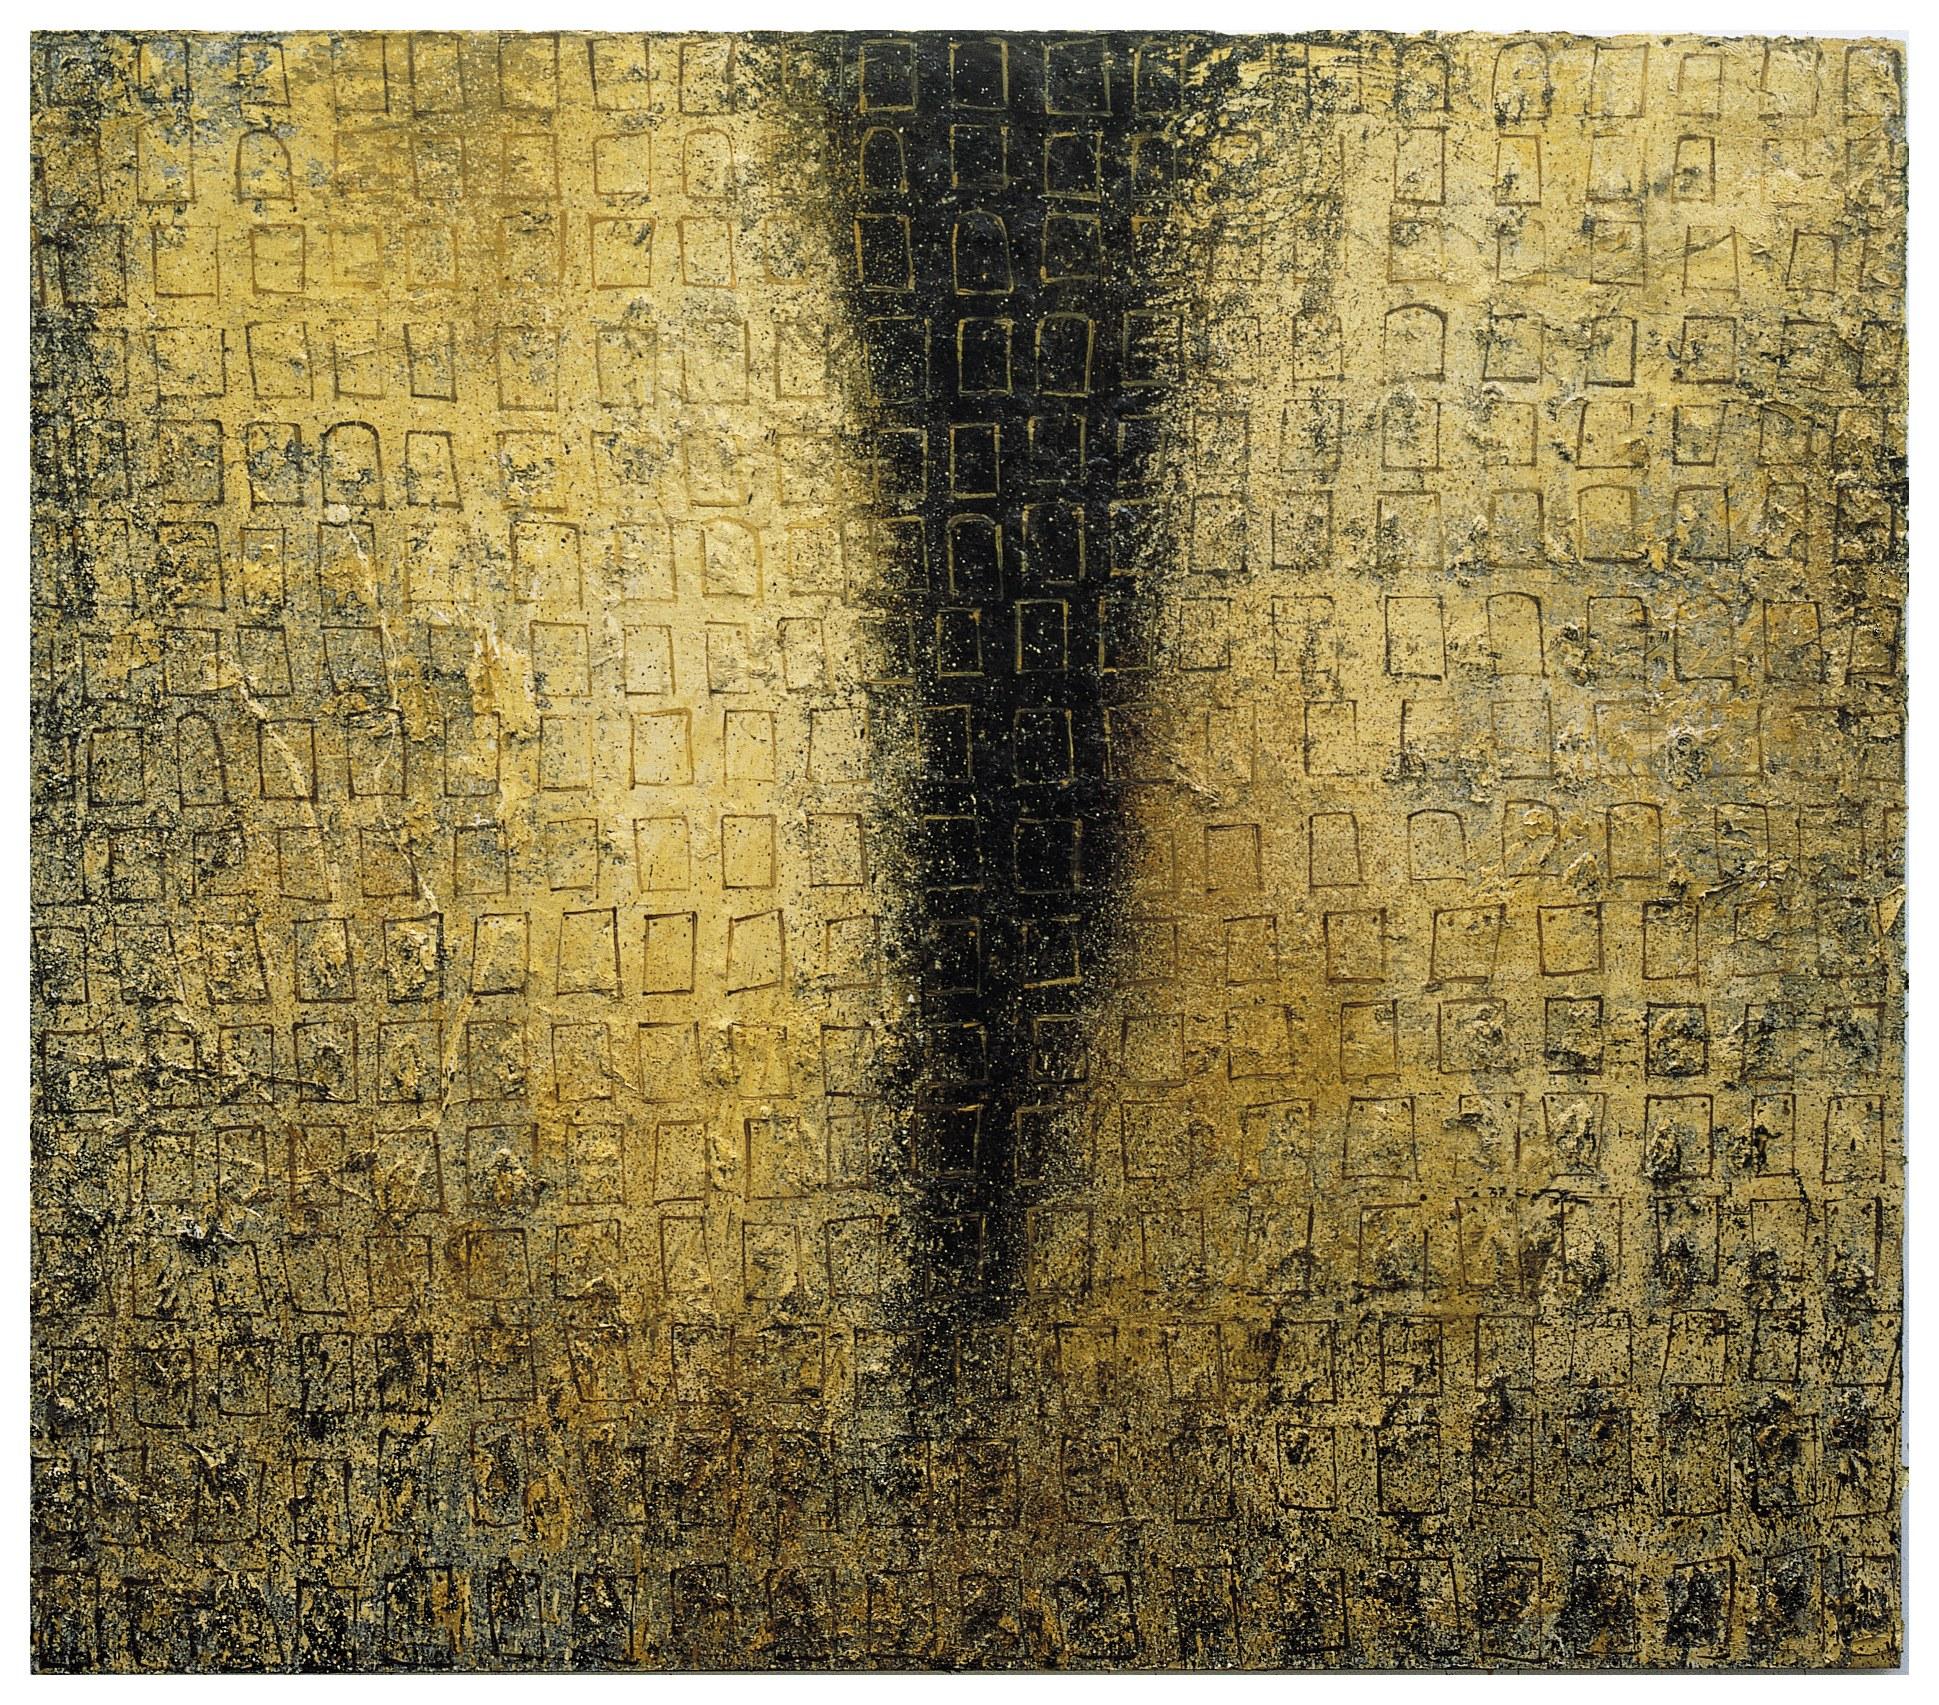 淨化 Transfigure99-03 1999 油彩、畫布 168cm x 194cm